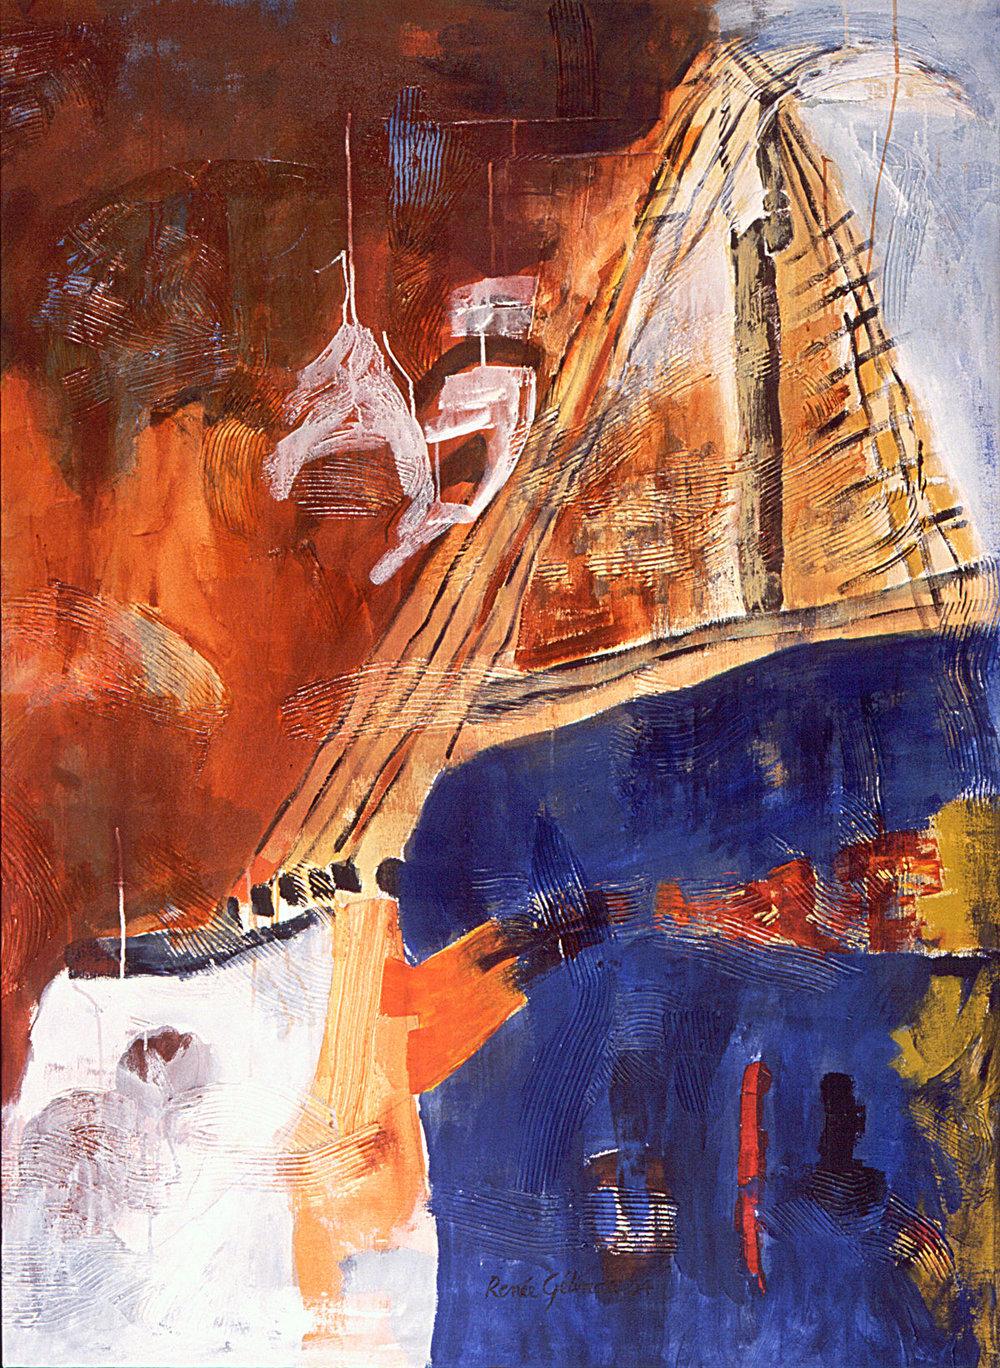 Navire 1, 2004